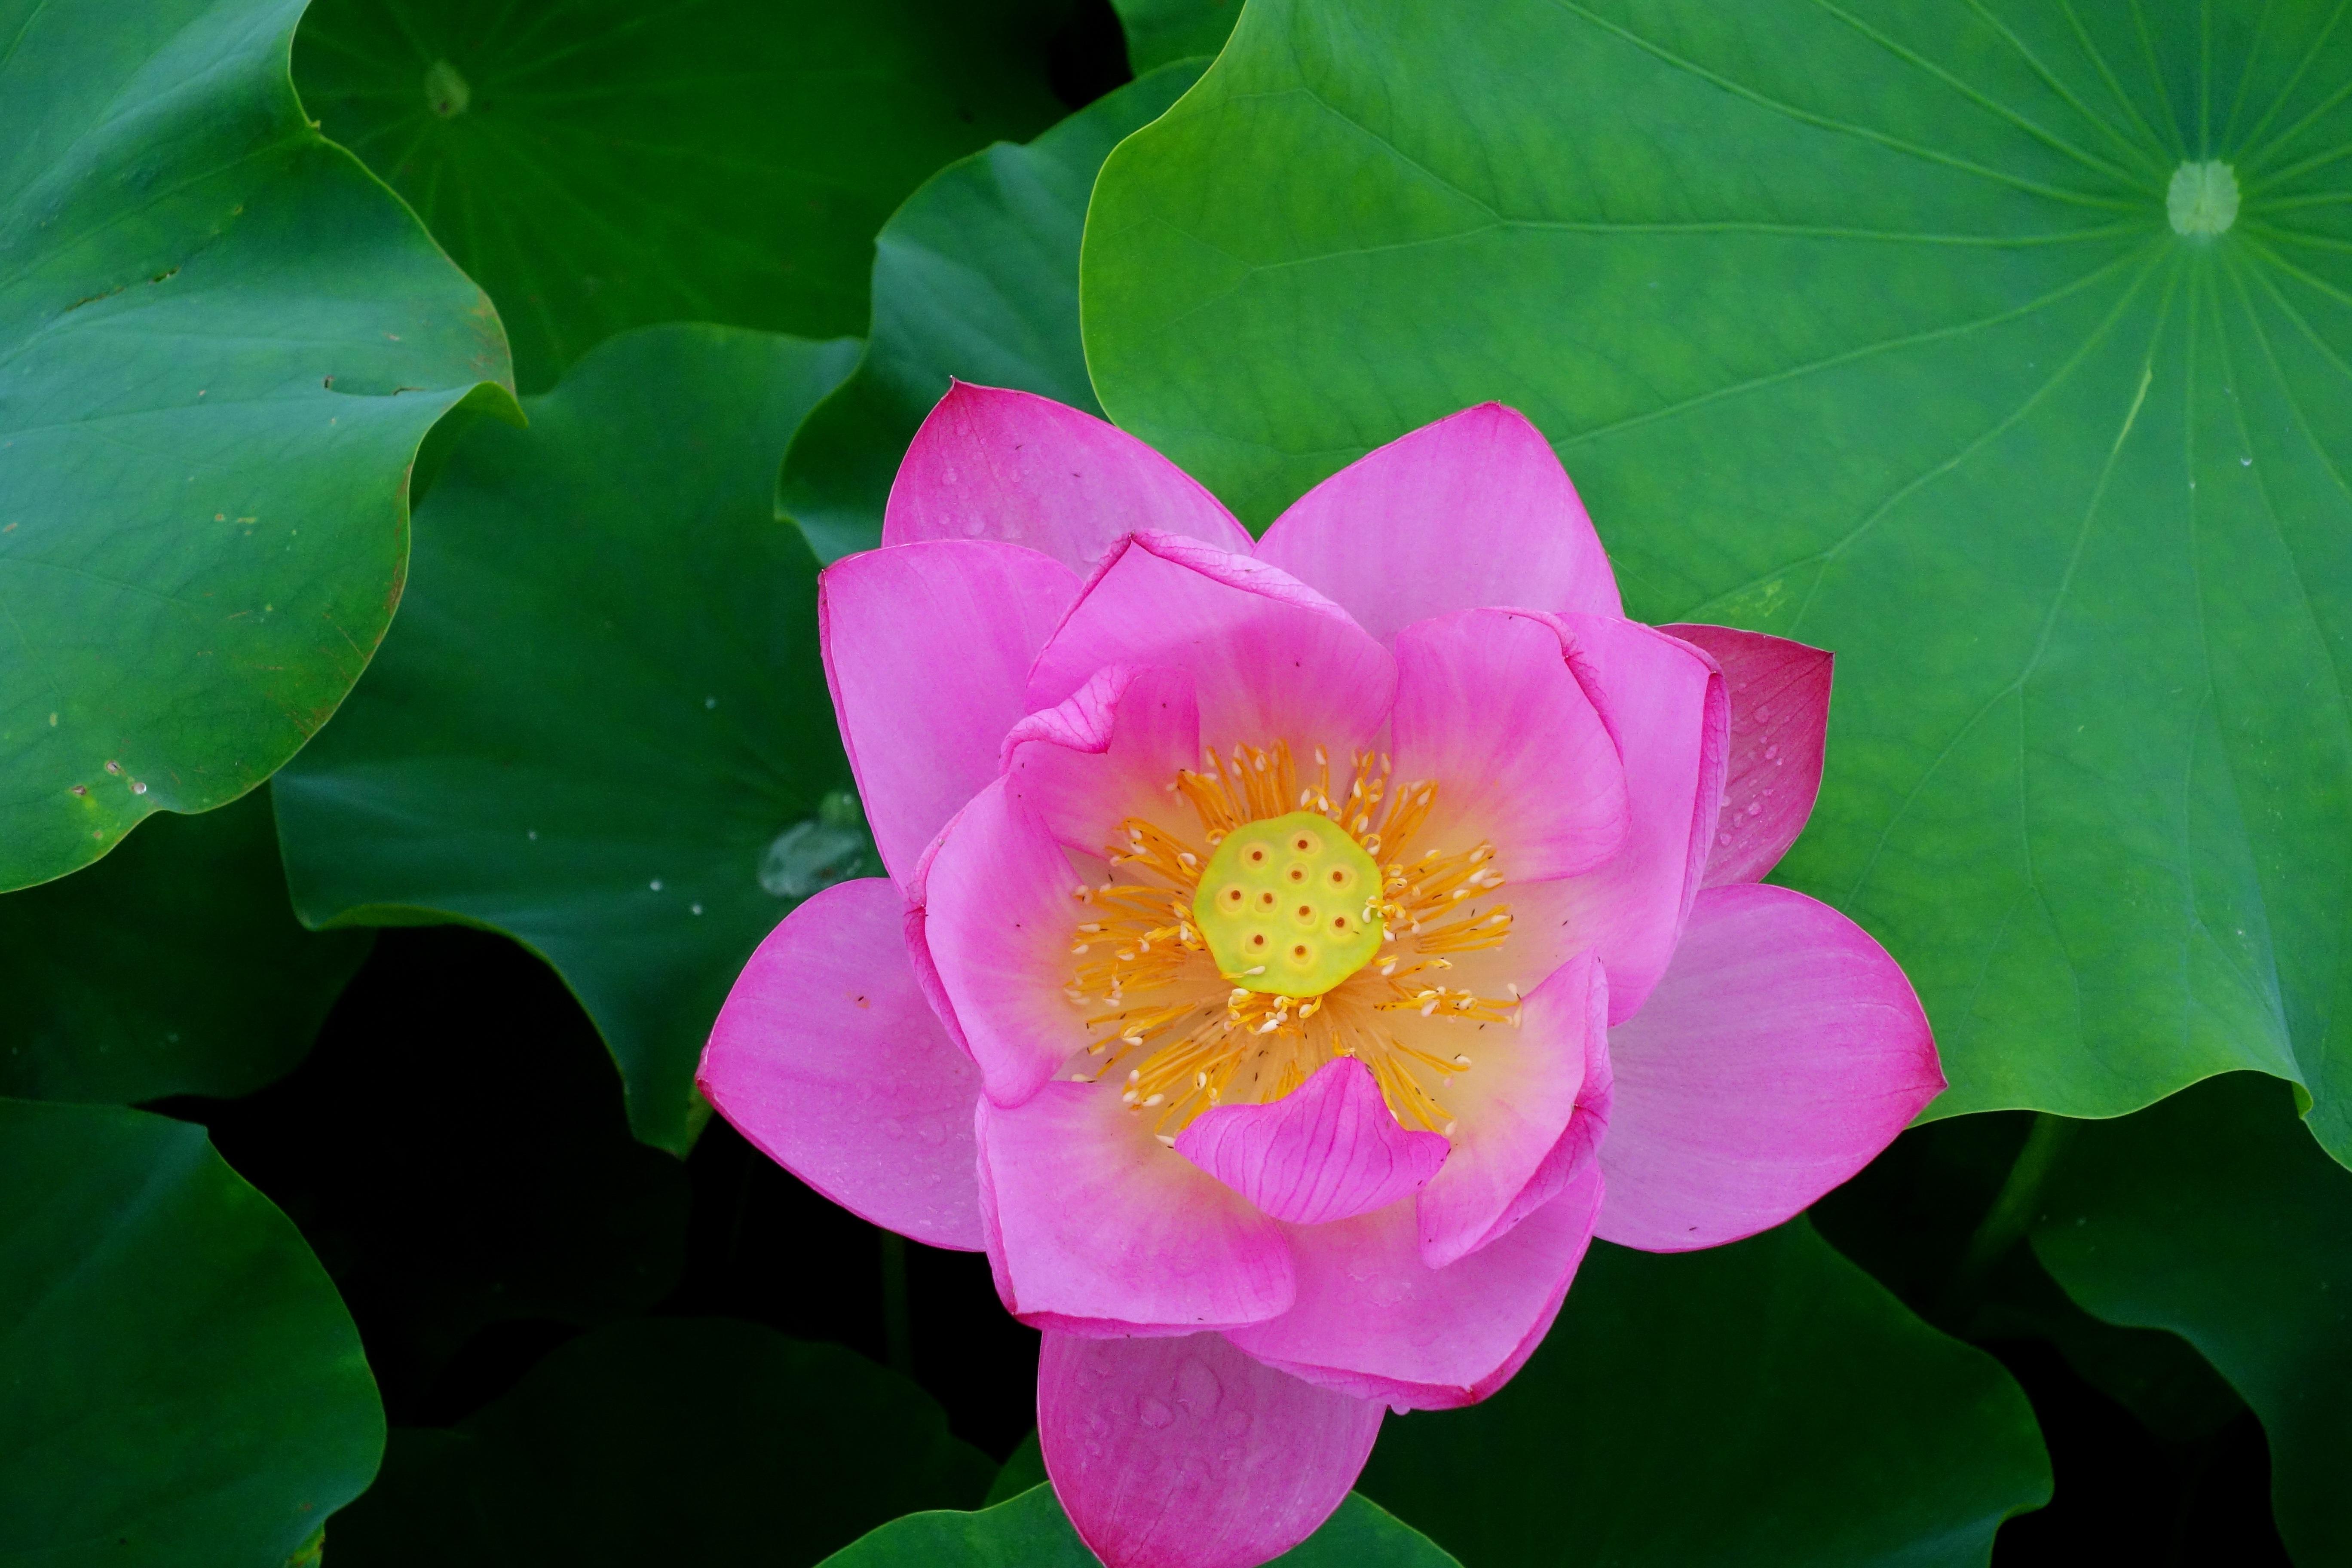 цветущие лотосы фото чистого сердца